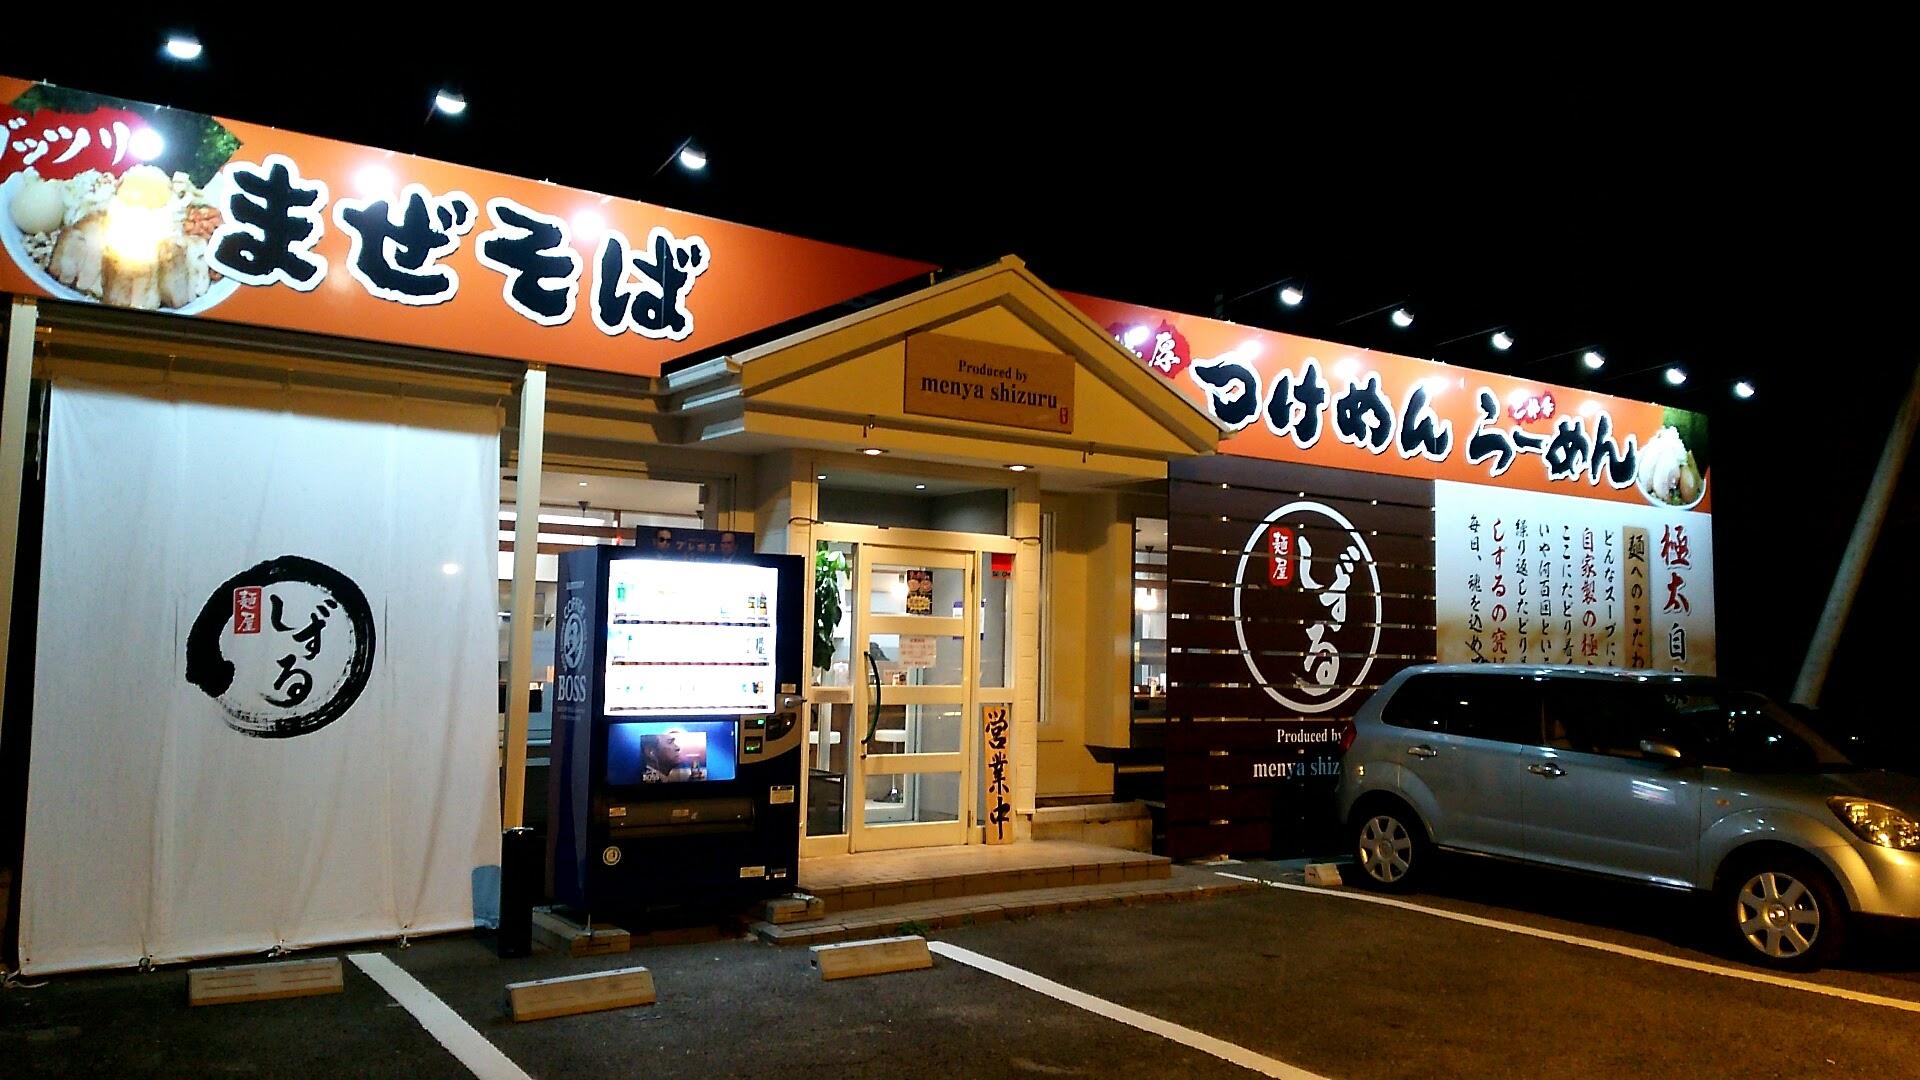 【レビュー】刈谷市熊野町 しずる 刈谷逢妻店に行ってきた